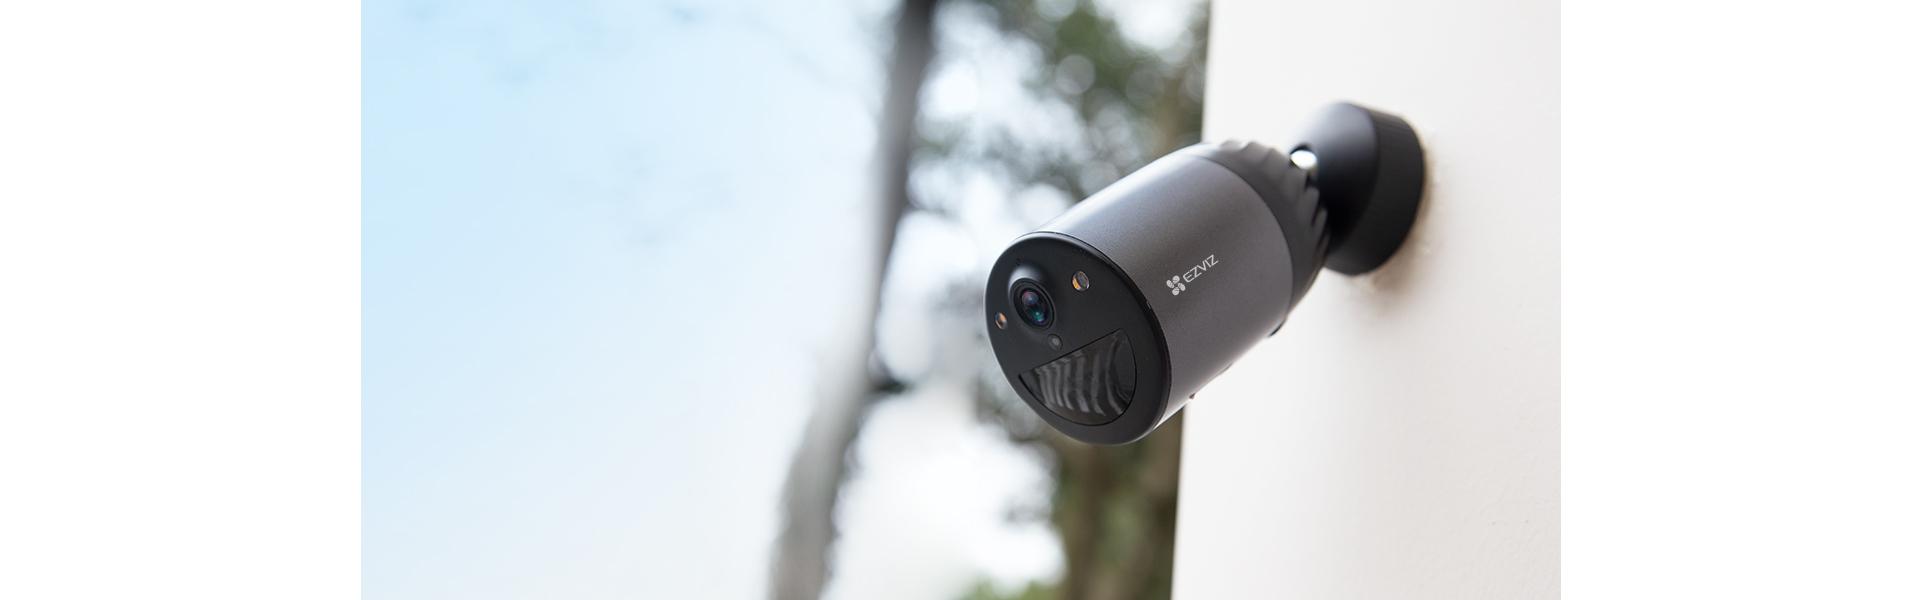 Kiểu dáng Camera chạy pin BC1C